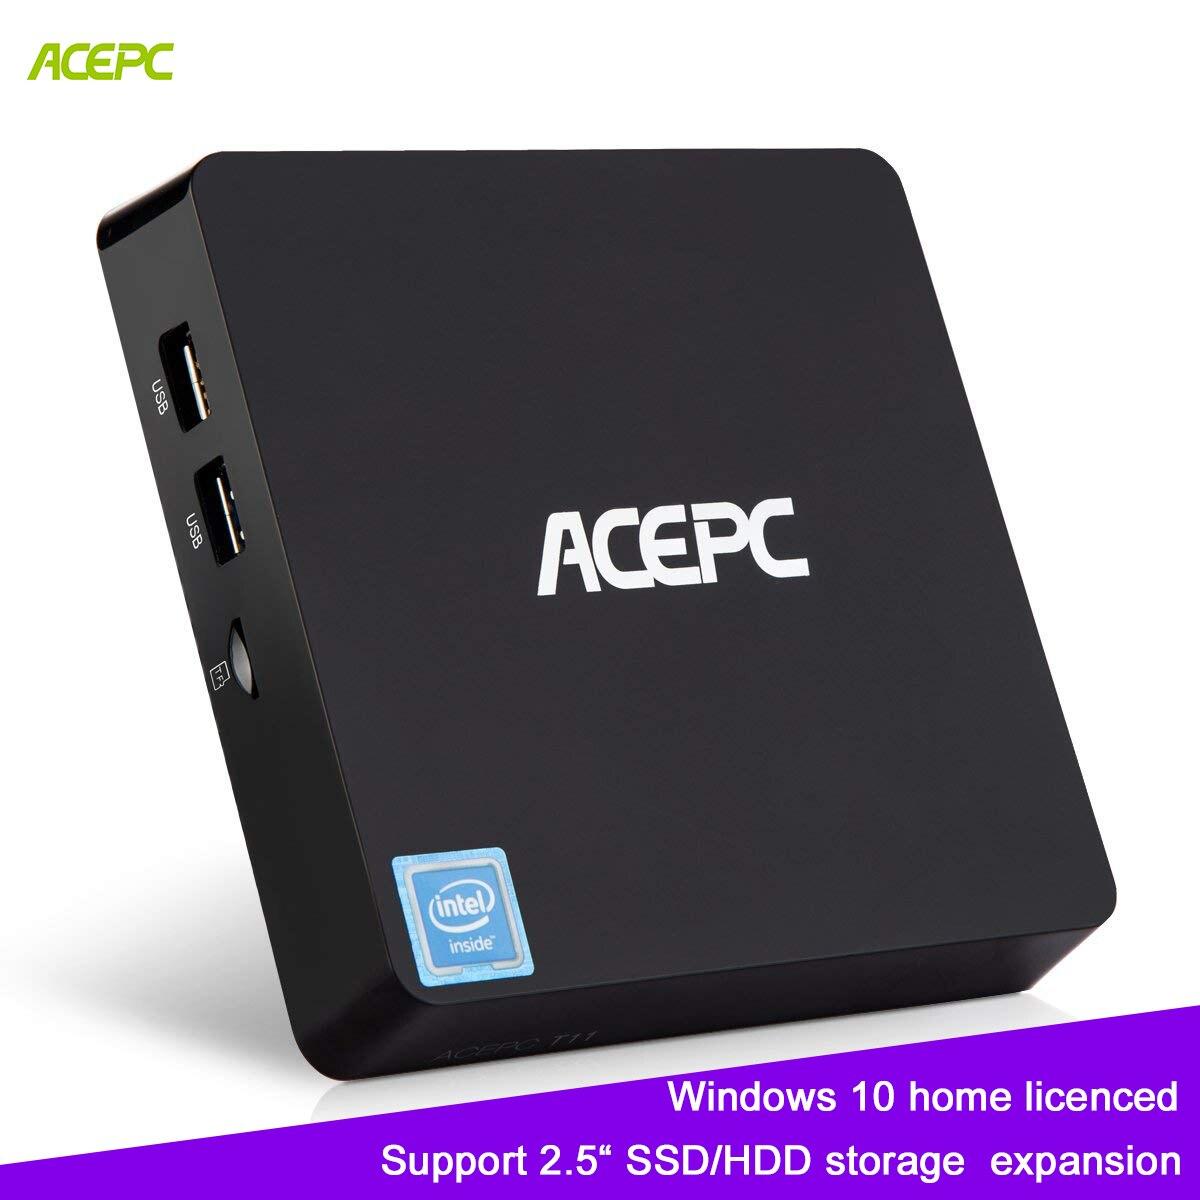 ACEPC T11 Mini PC Windows 10 CPU Intel Atom Z8350 Licenced 4GB RAM 64GB EMMC Support 2.5 SSD/HDMI 4K mini computerACEPC T11 Mini PC Windows 10 CPU Intel Atom Z8350 Licenced 4GB RAM 64GB EMMC Support 2.5 SSD/HDMI 4K mini computer